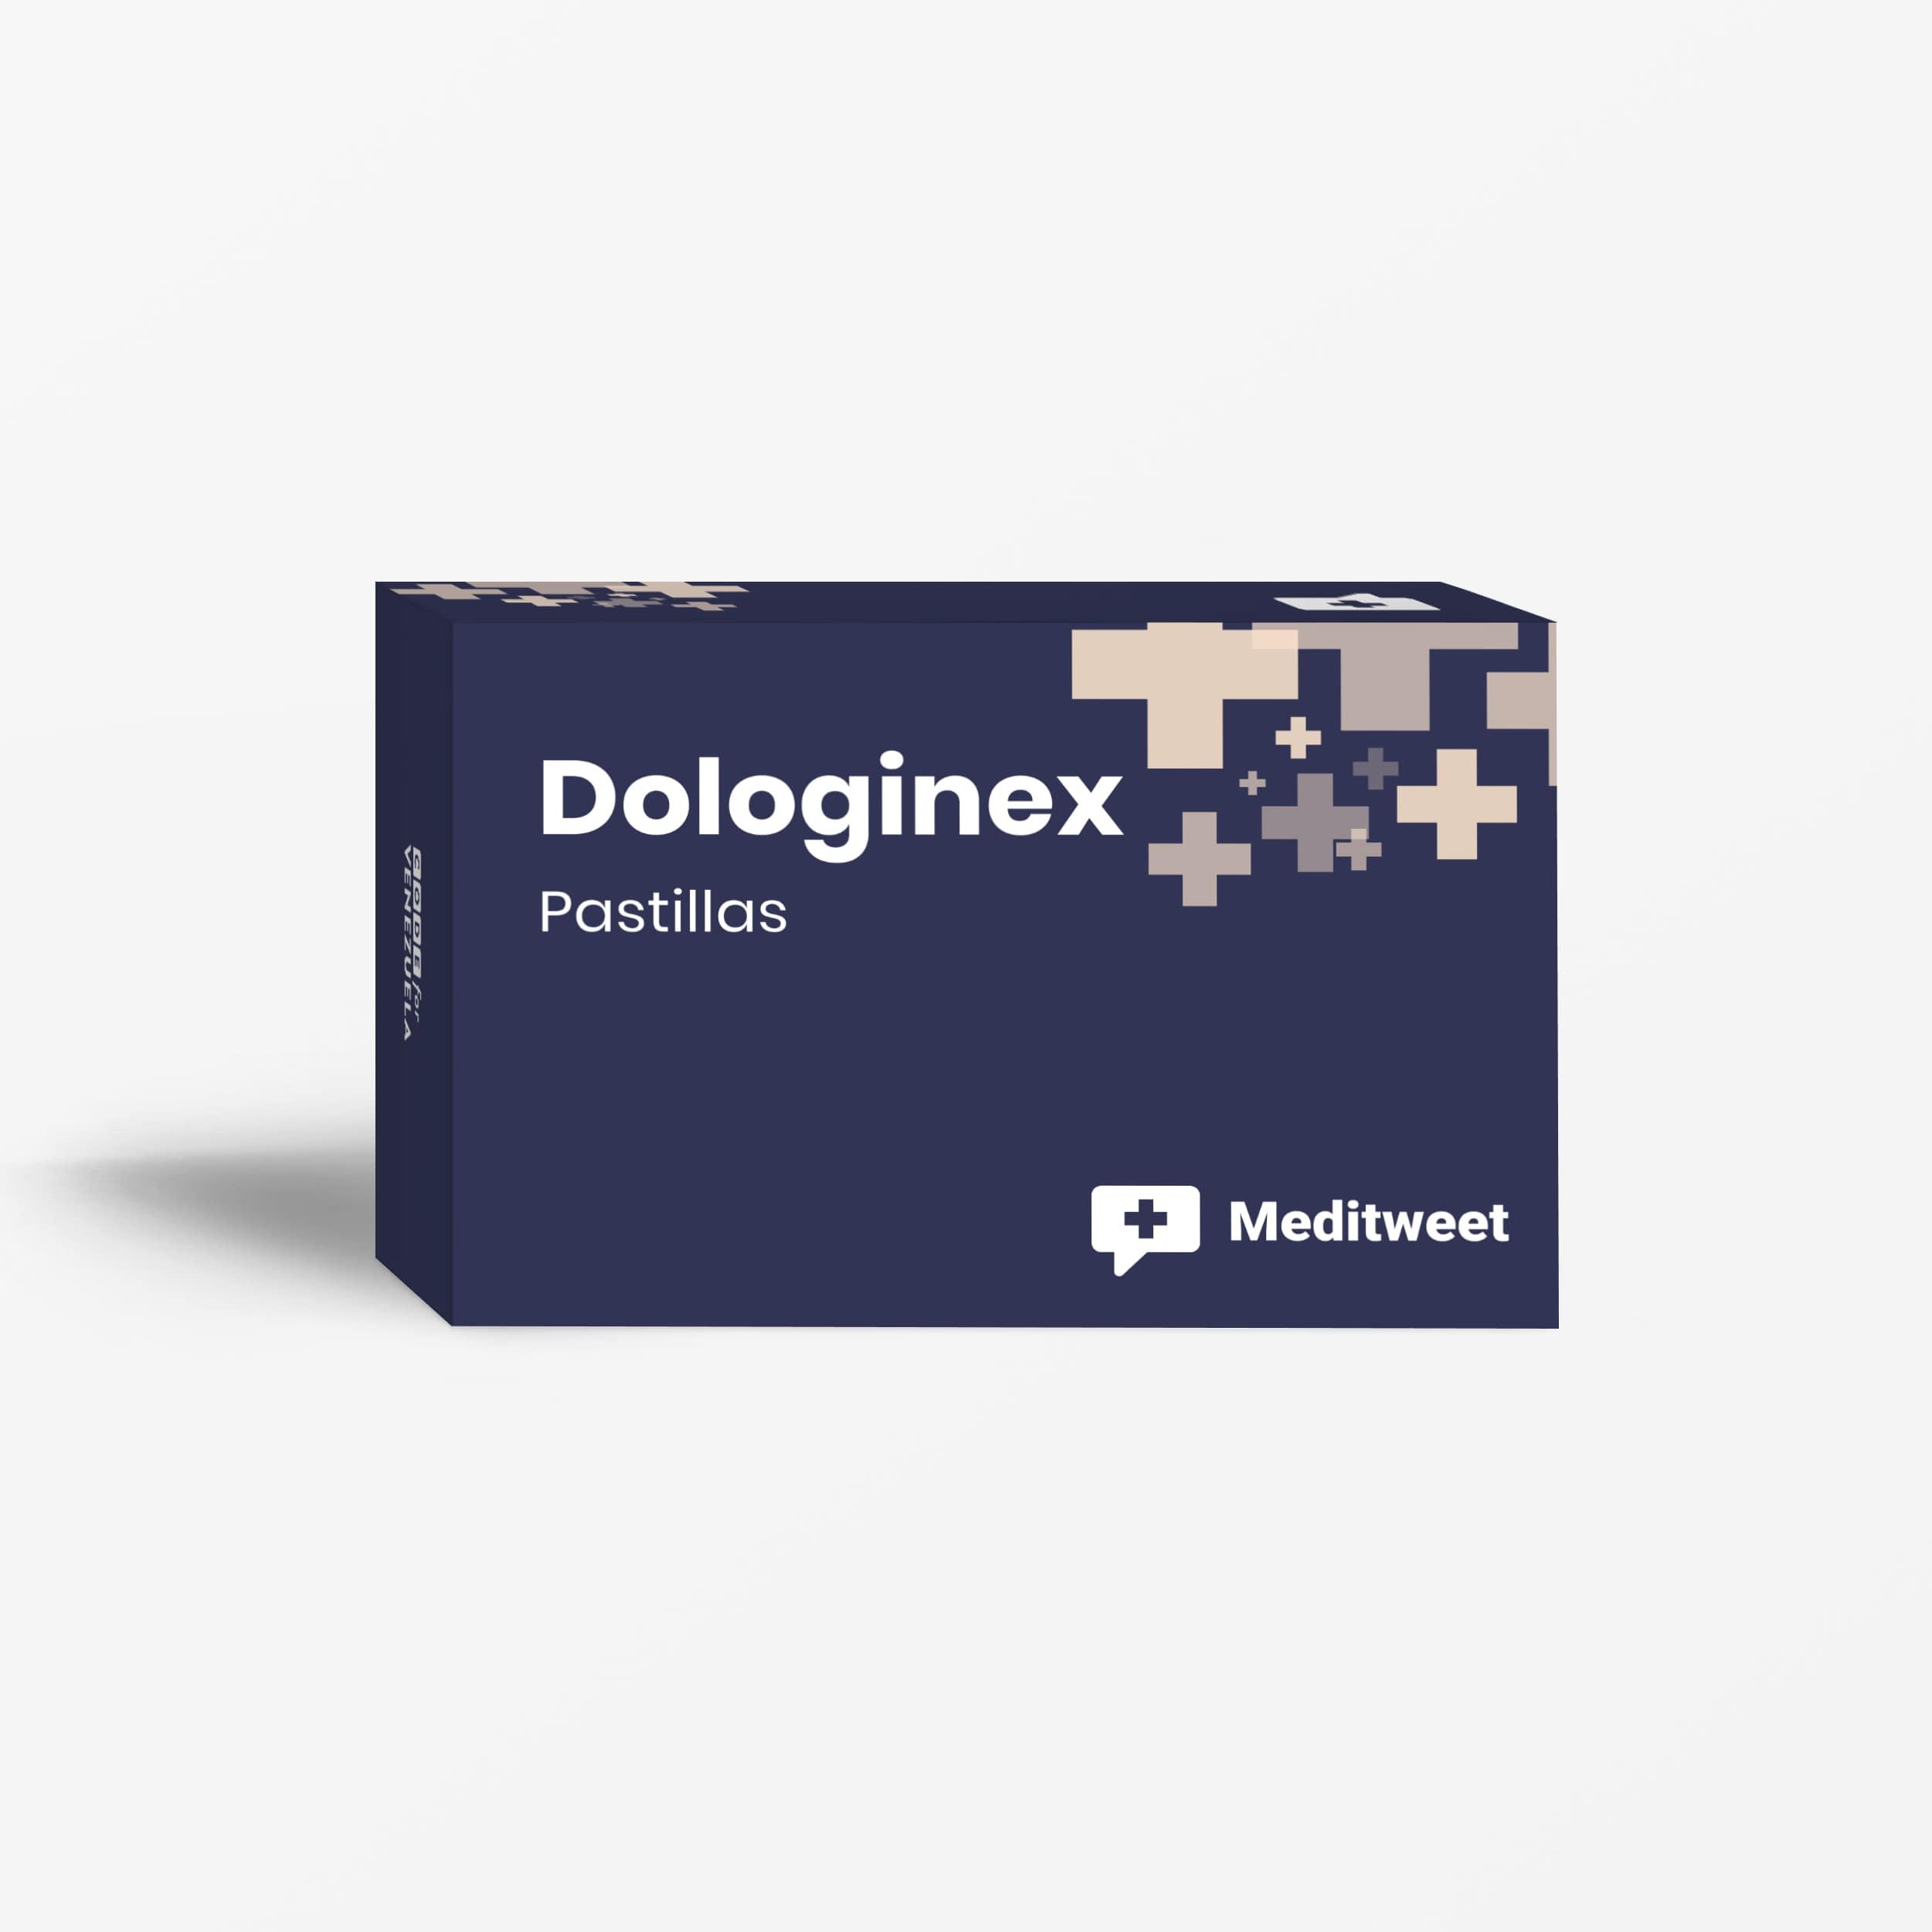 Dologinex: qué es, para qué sirve y dónde conseguirlo